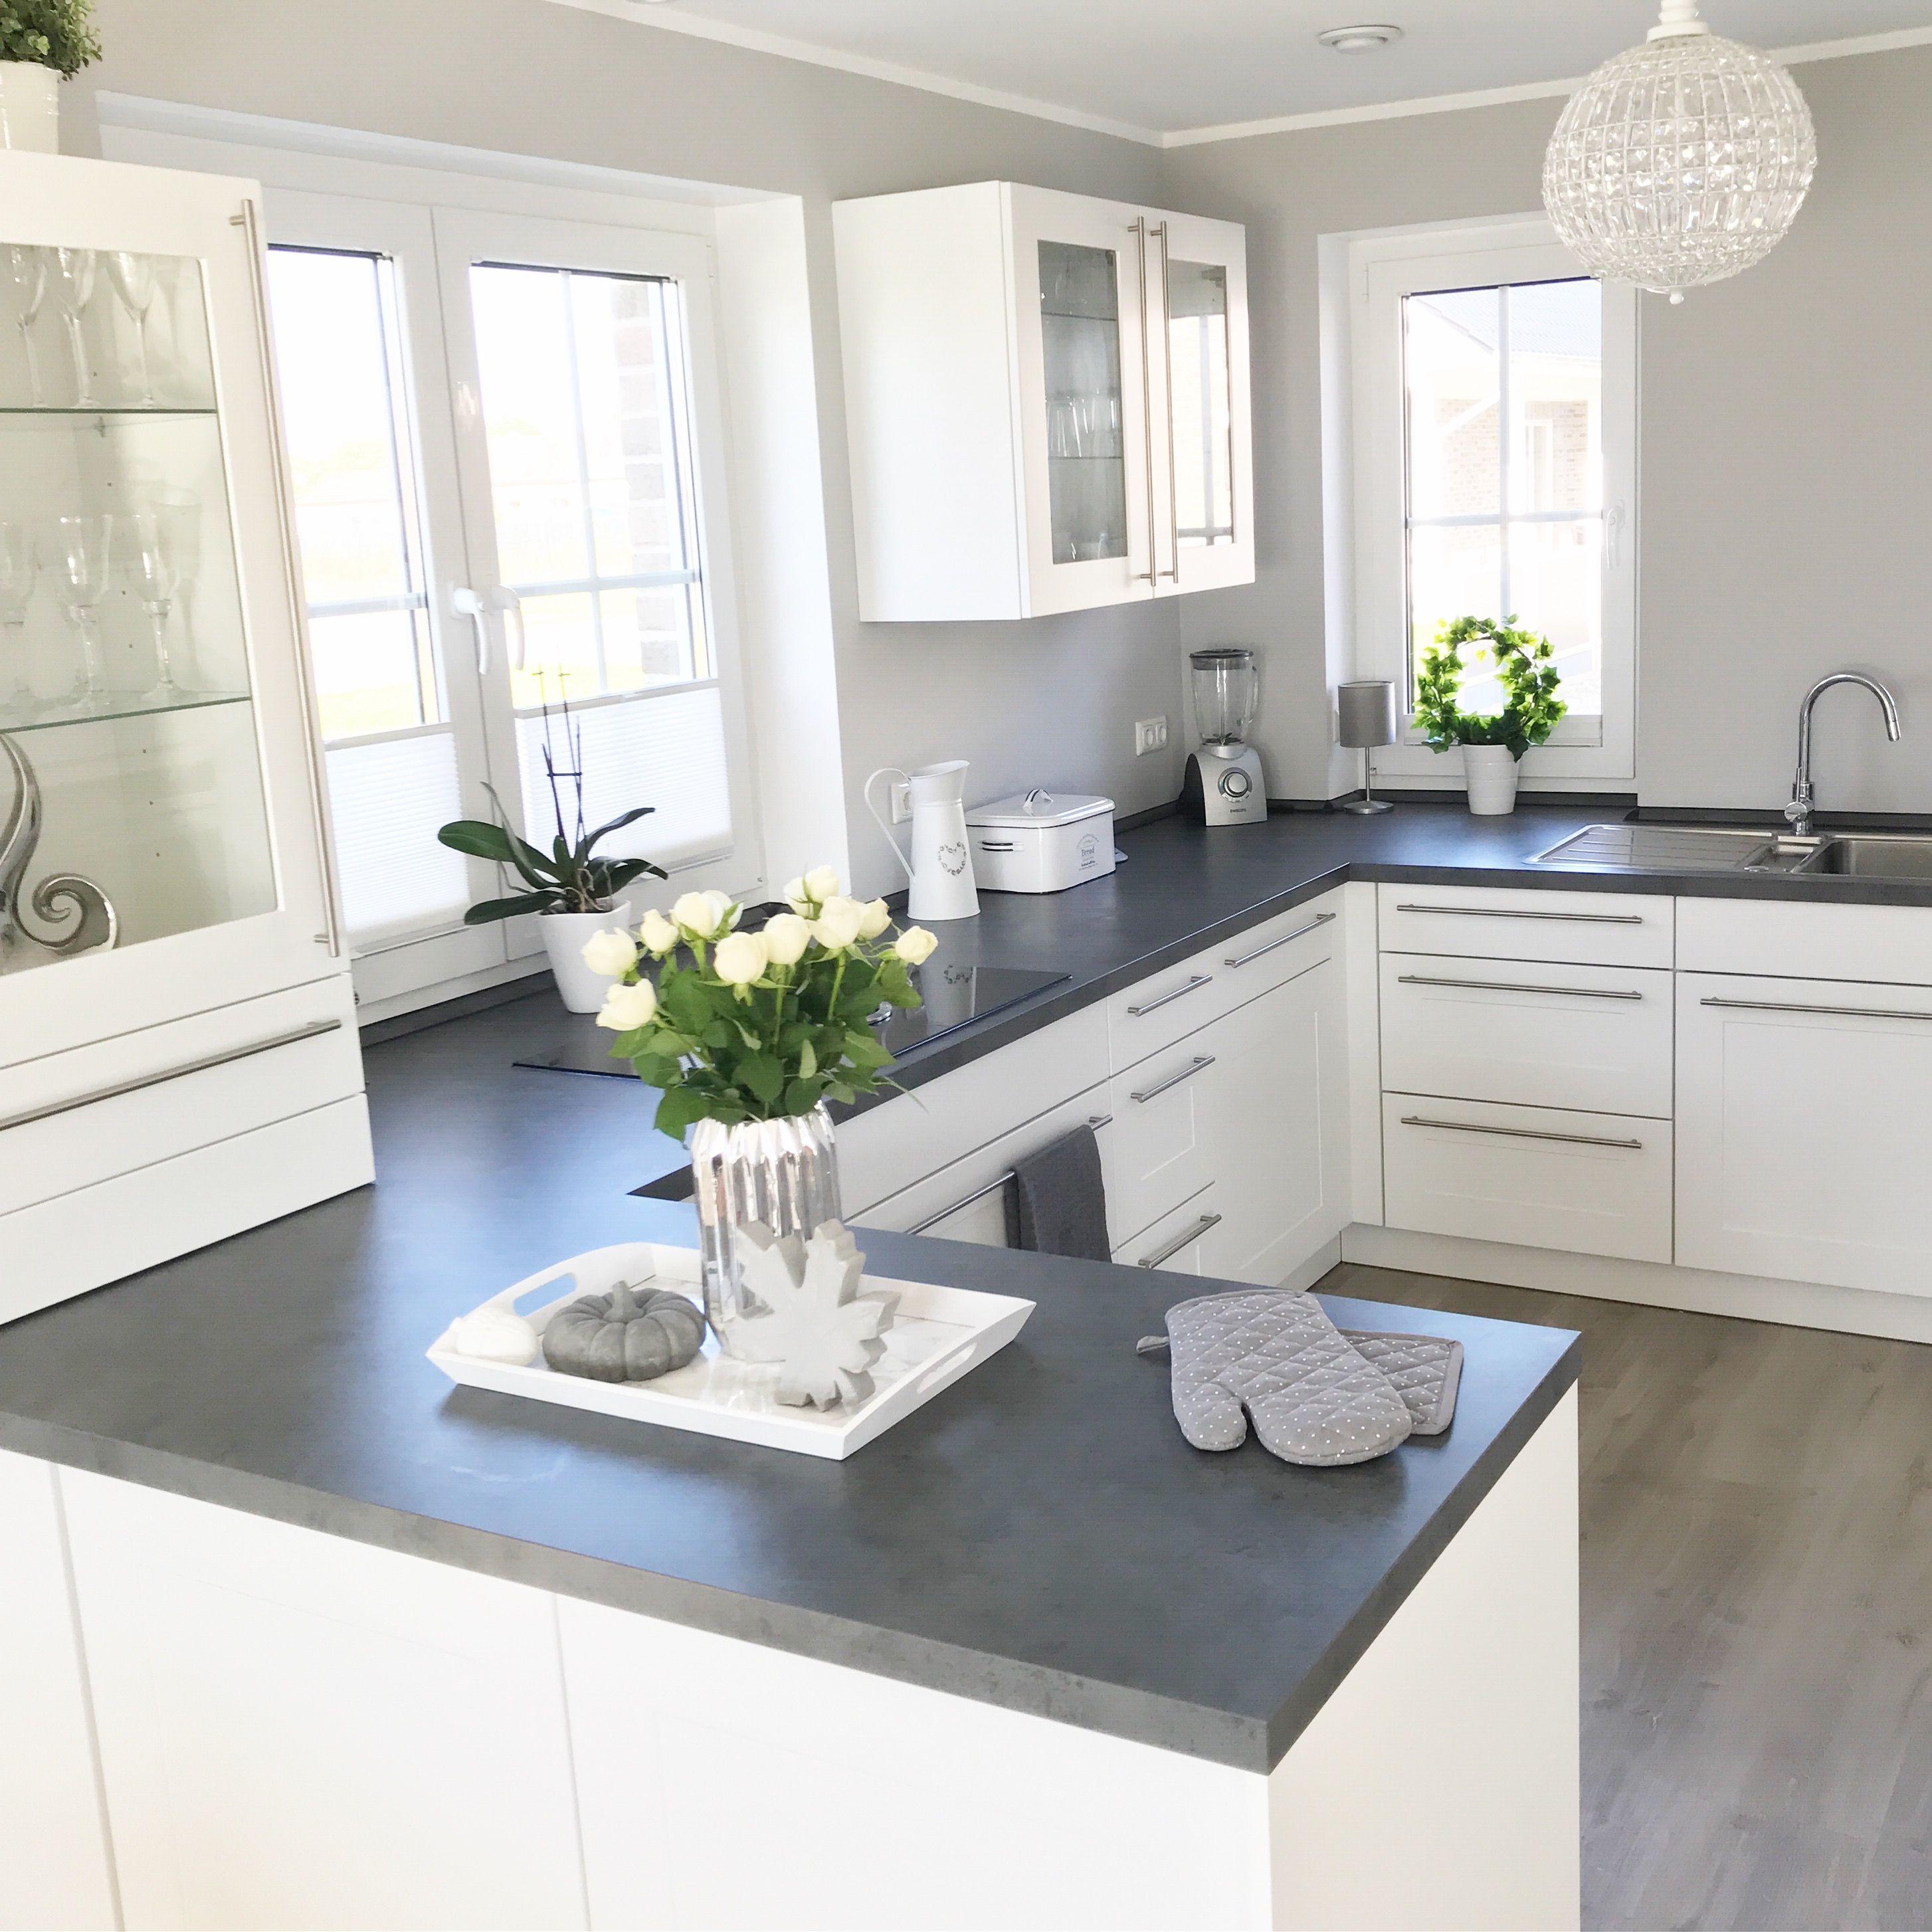 Photo of Instagram: wohn.emotion Landhaus Küche cucina moderna grau weiß grigio bianco